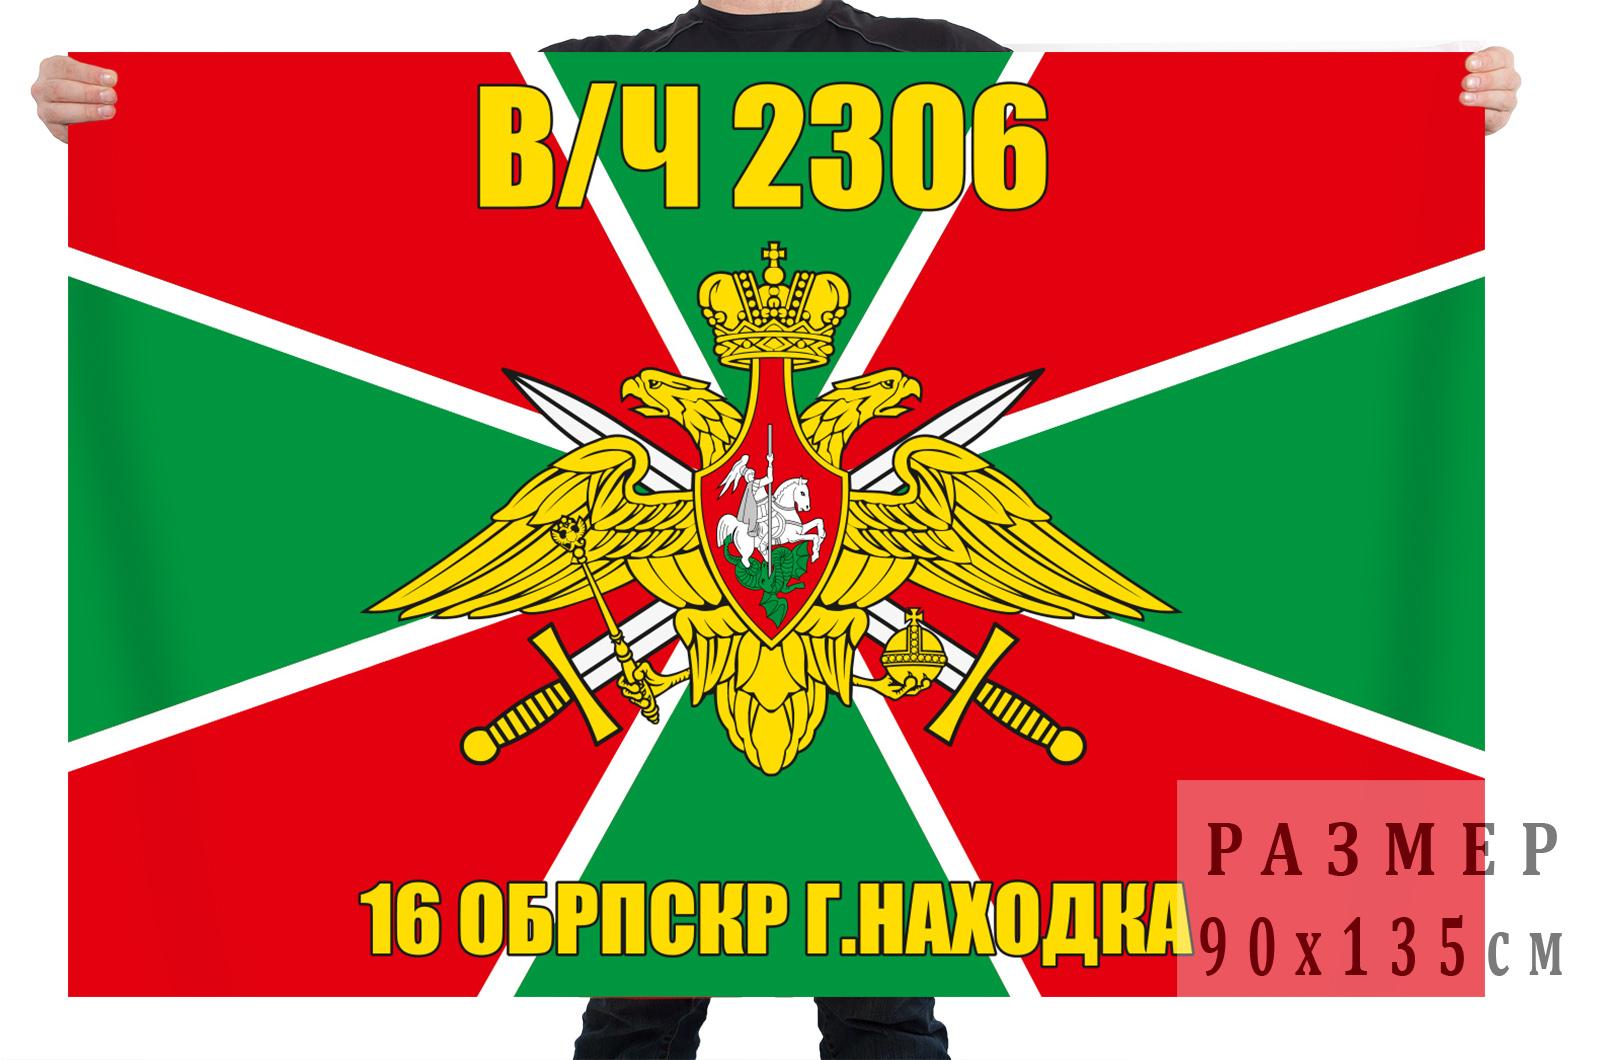 Купить большой флаг 16 ОБПСКР в/ч 2306 Находка по лучшей цене